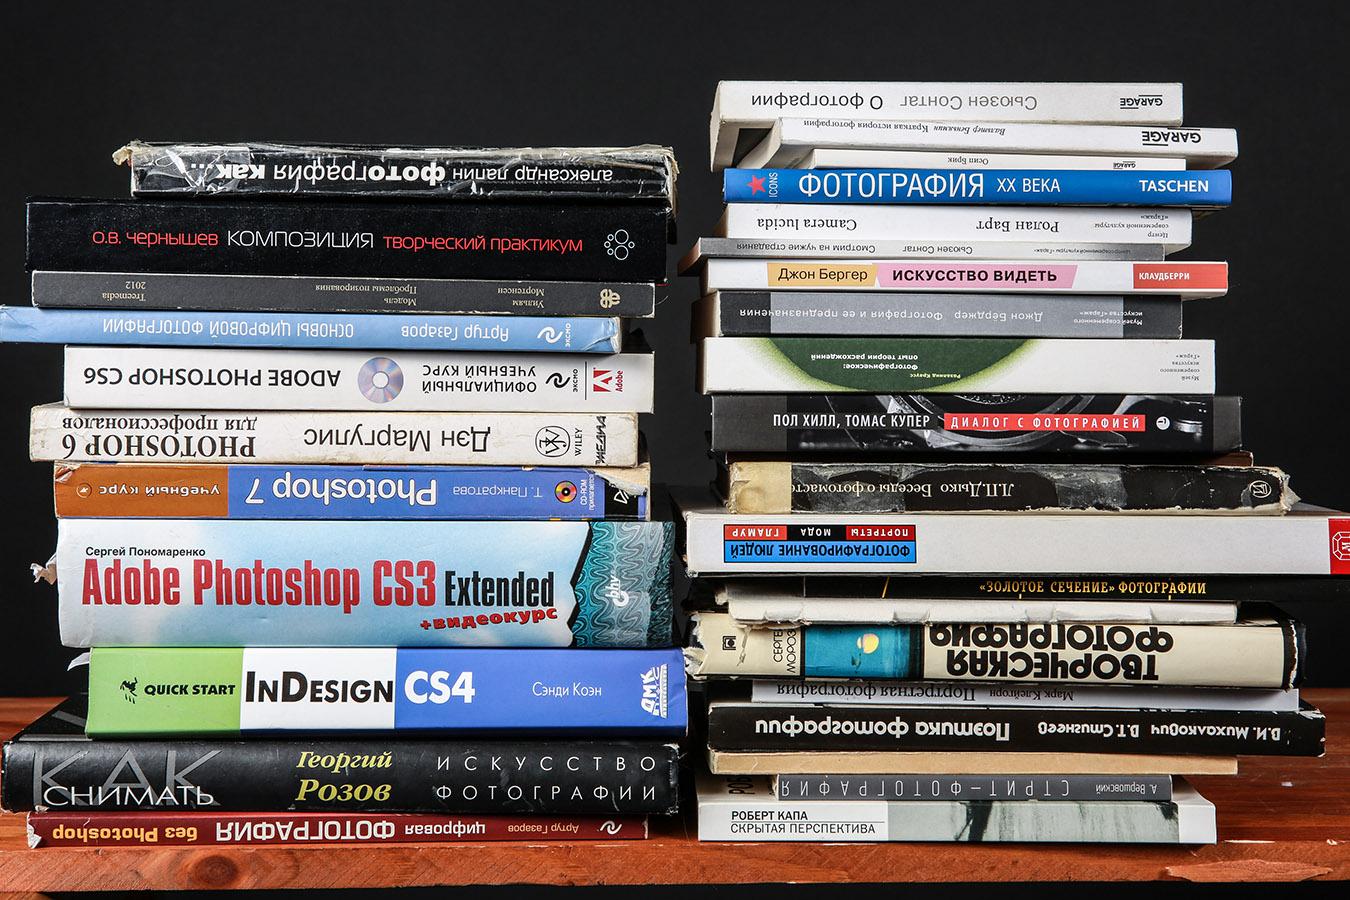 Библиотека, книги о фотографии; фотокурсы Вадима Качана в Минске; фотошкола; обучение фотографии; фотокурсы при союзе дизайнеров